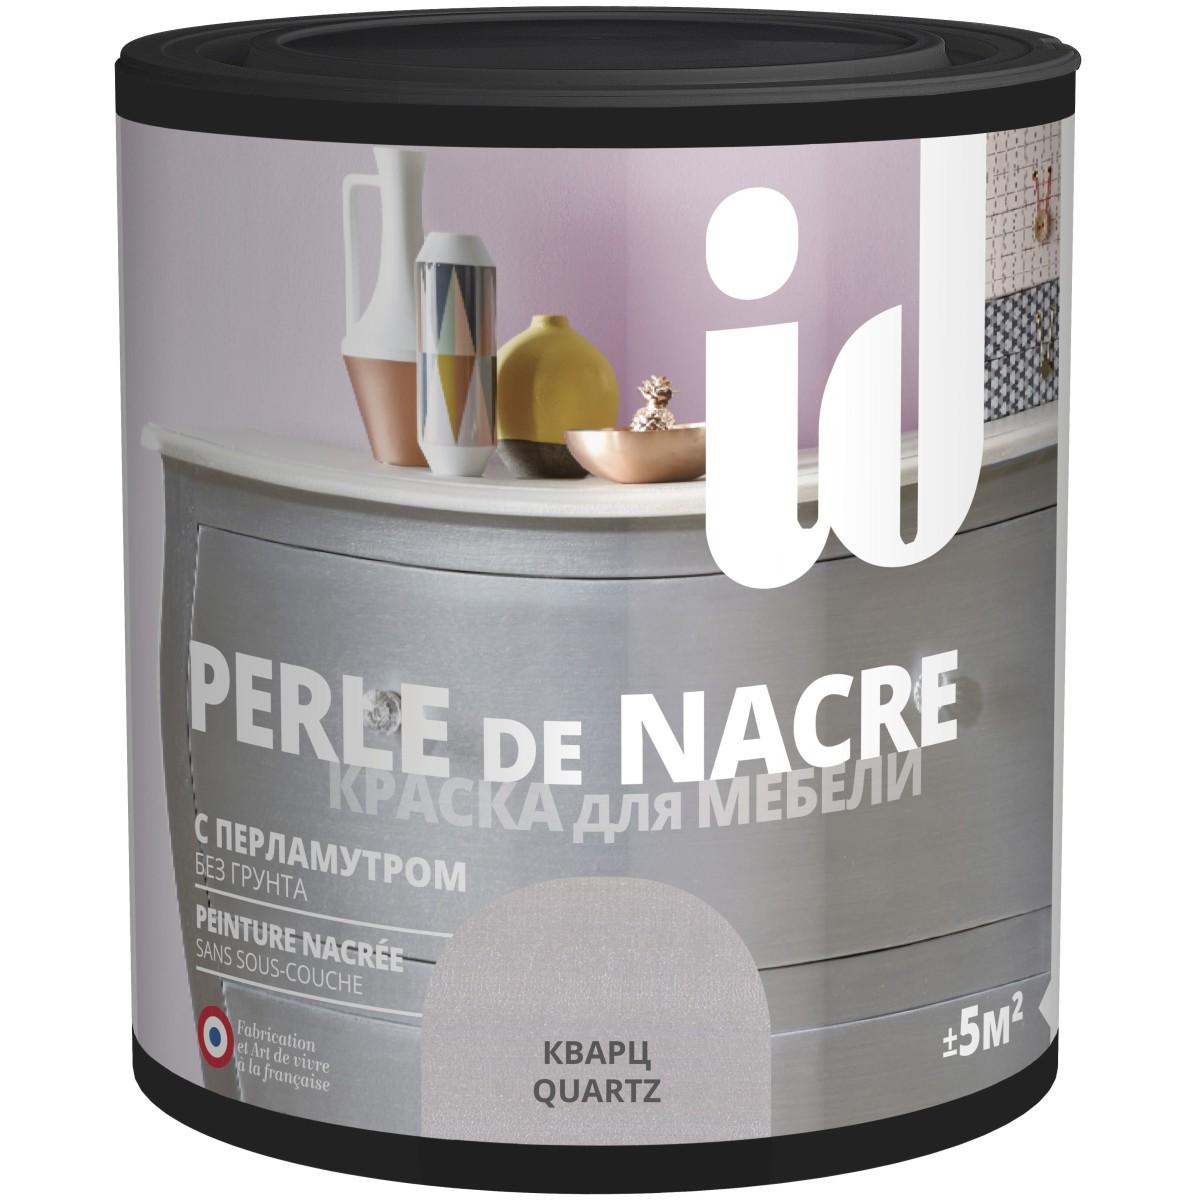 Краска для мебели ID Perle цвет кварц 0.5 л